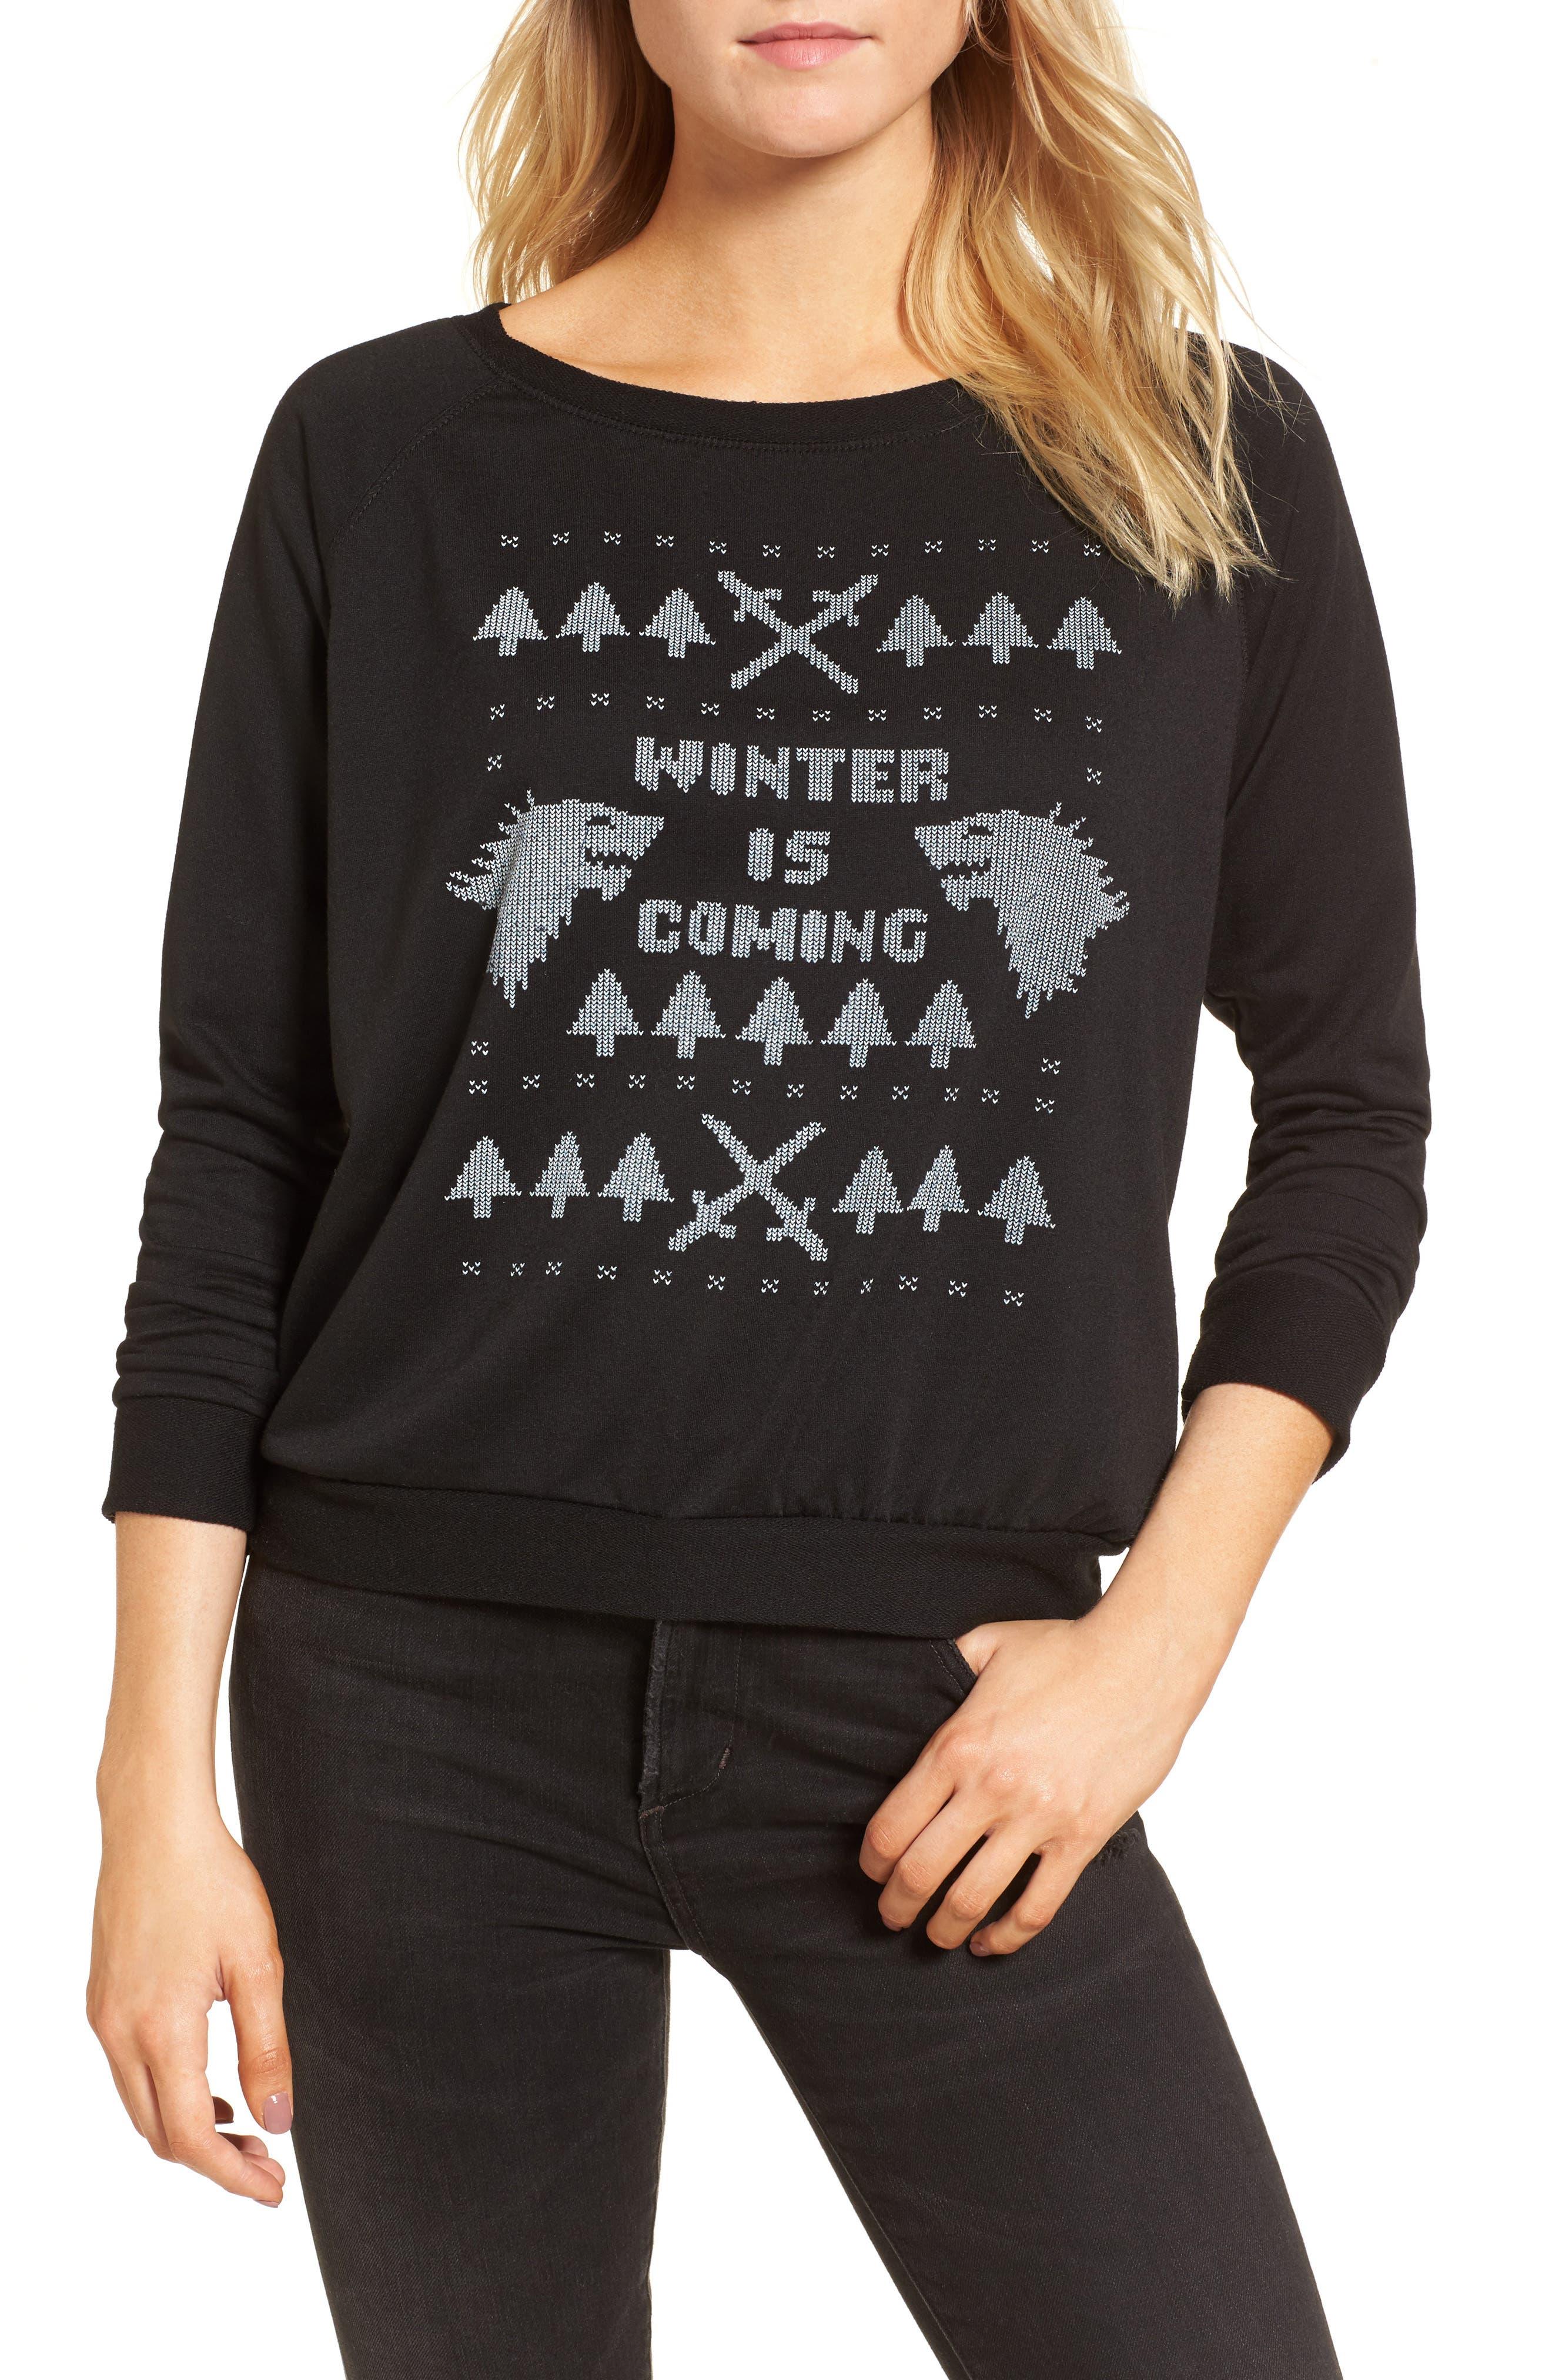 Winter Is Coming Sweatshirt,                         Main,                         color,